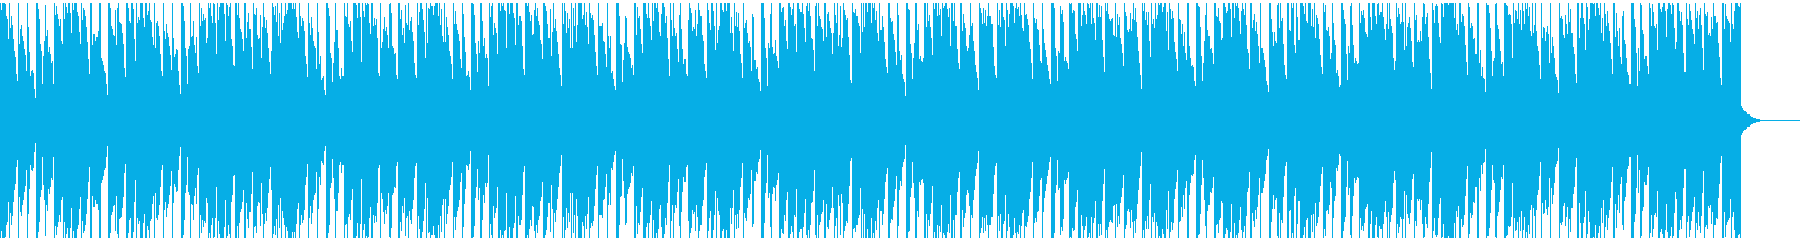 わくわくする可愛いBGMの再生済みの波形